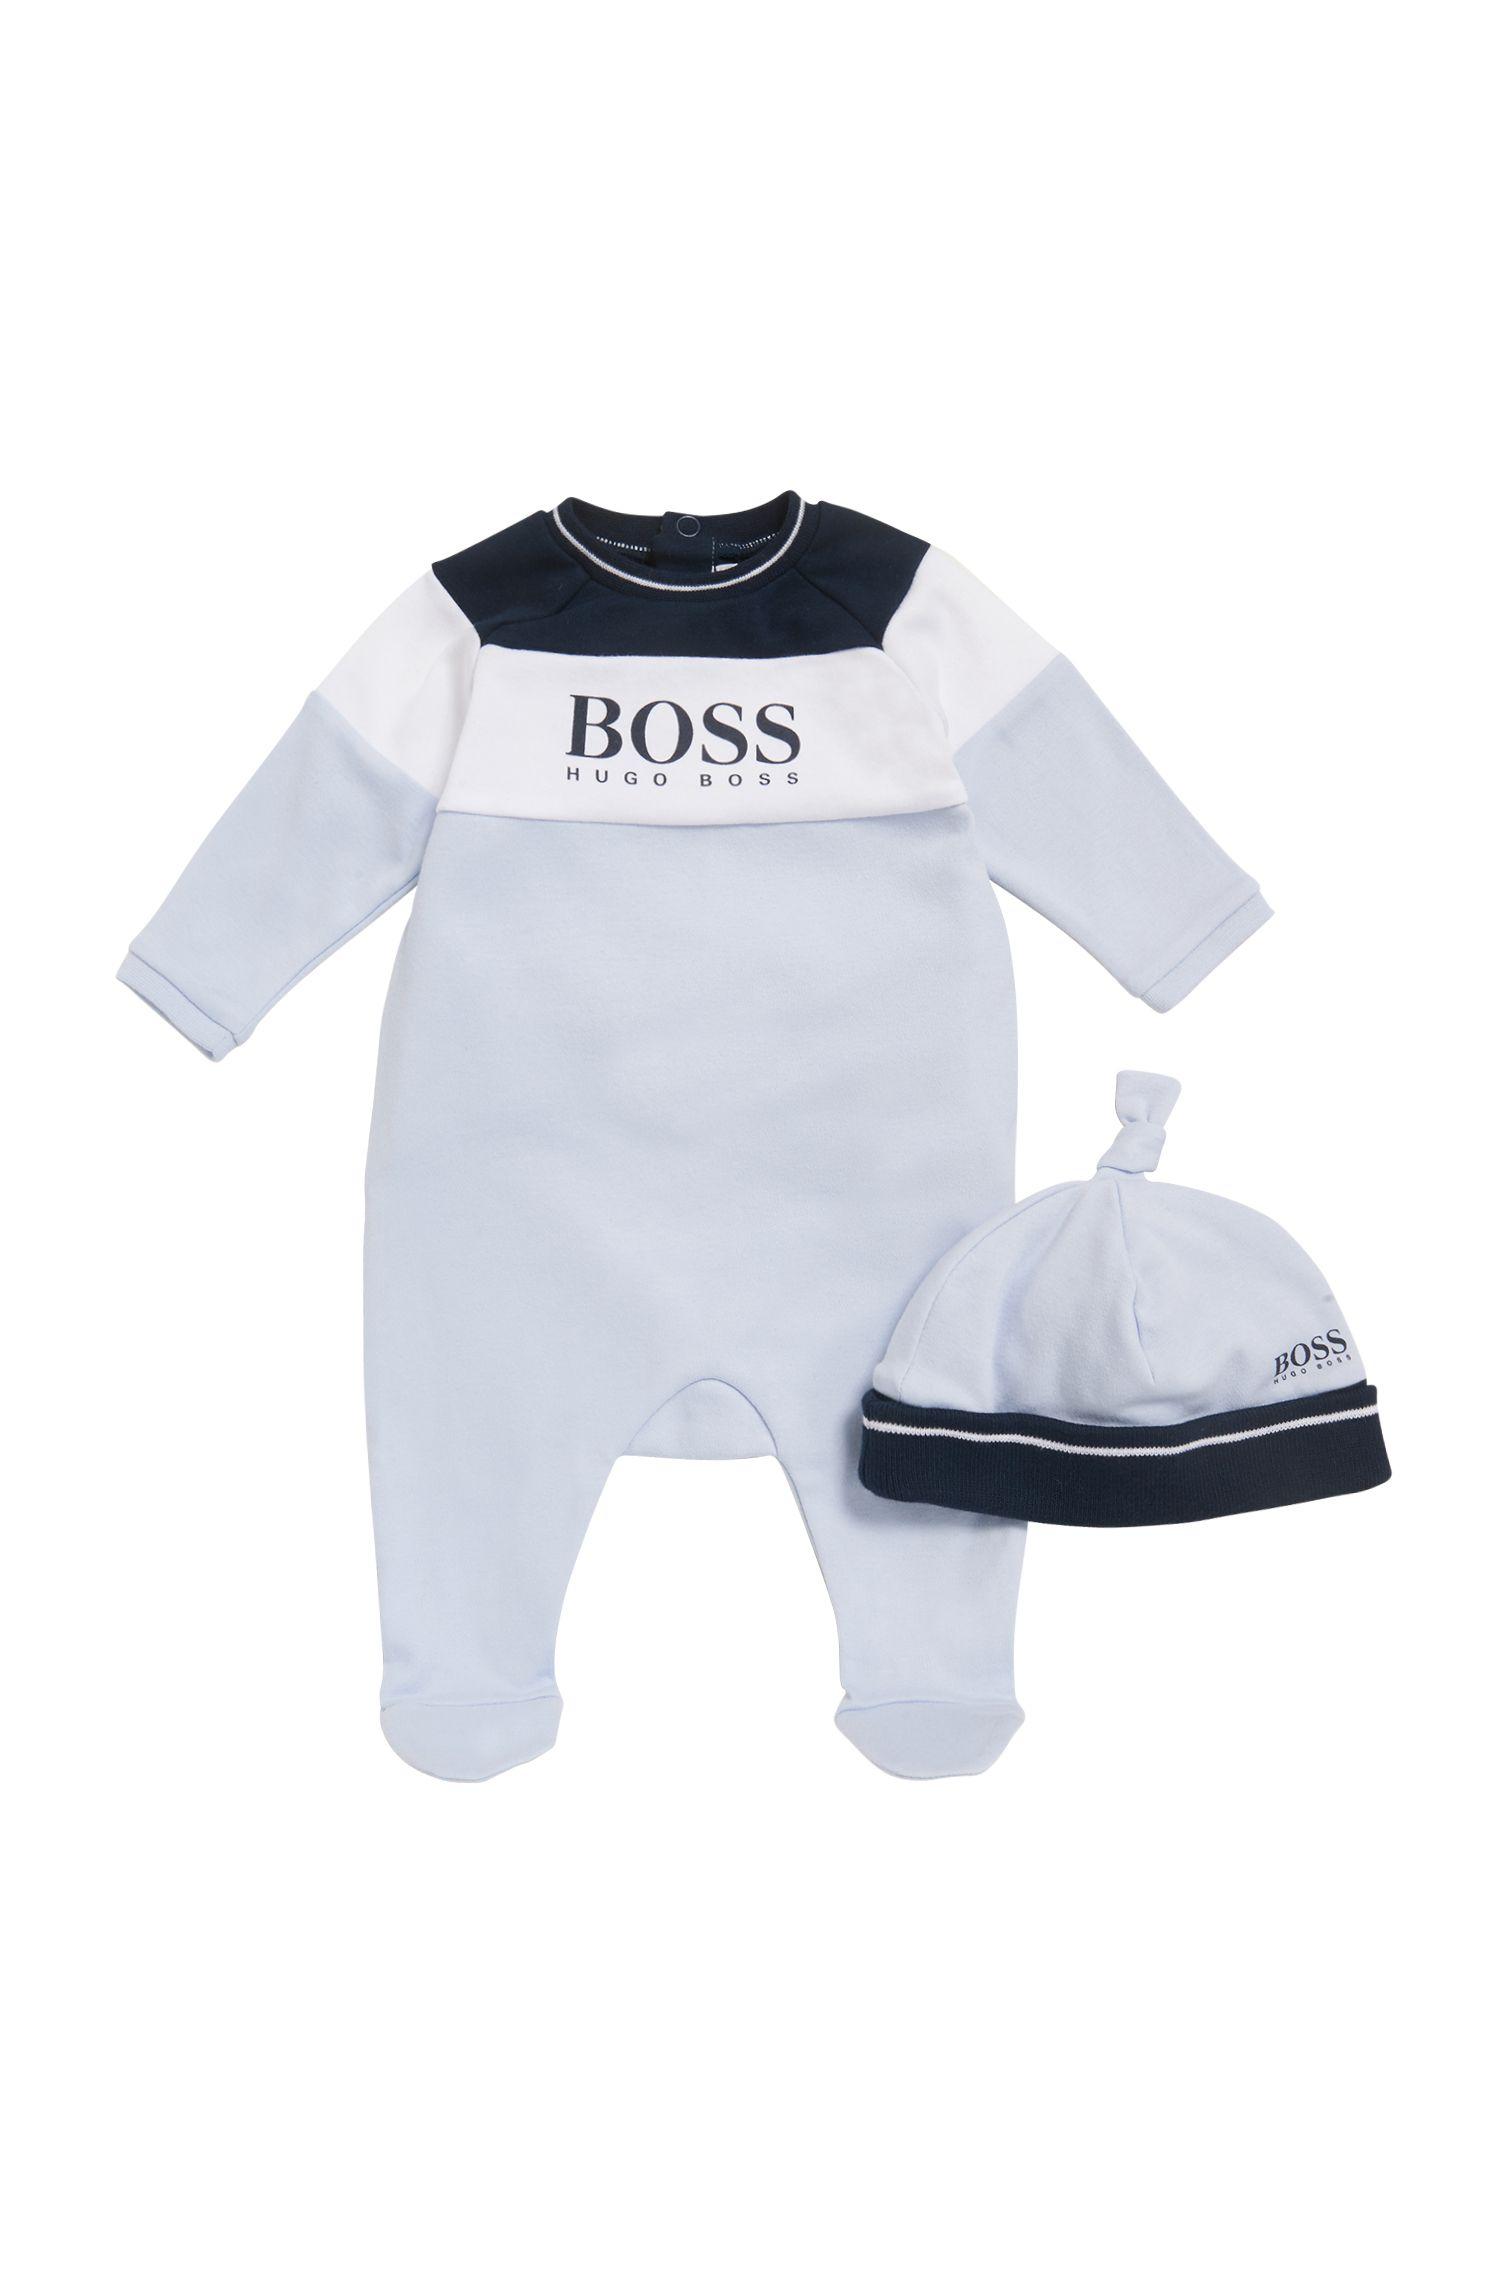 Geschenk-Set mit Baby-Pyjama und Mütze mit Logo-Print, Hellblau